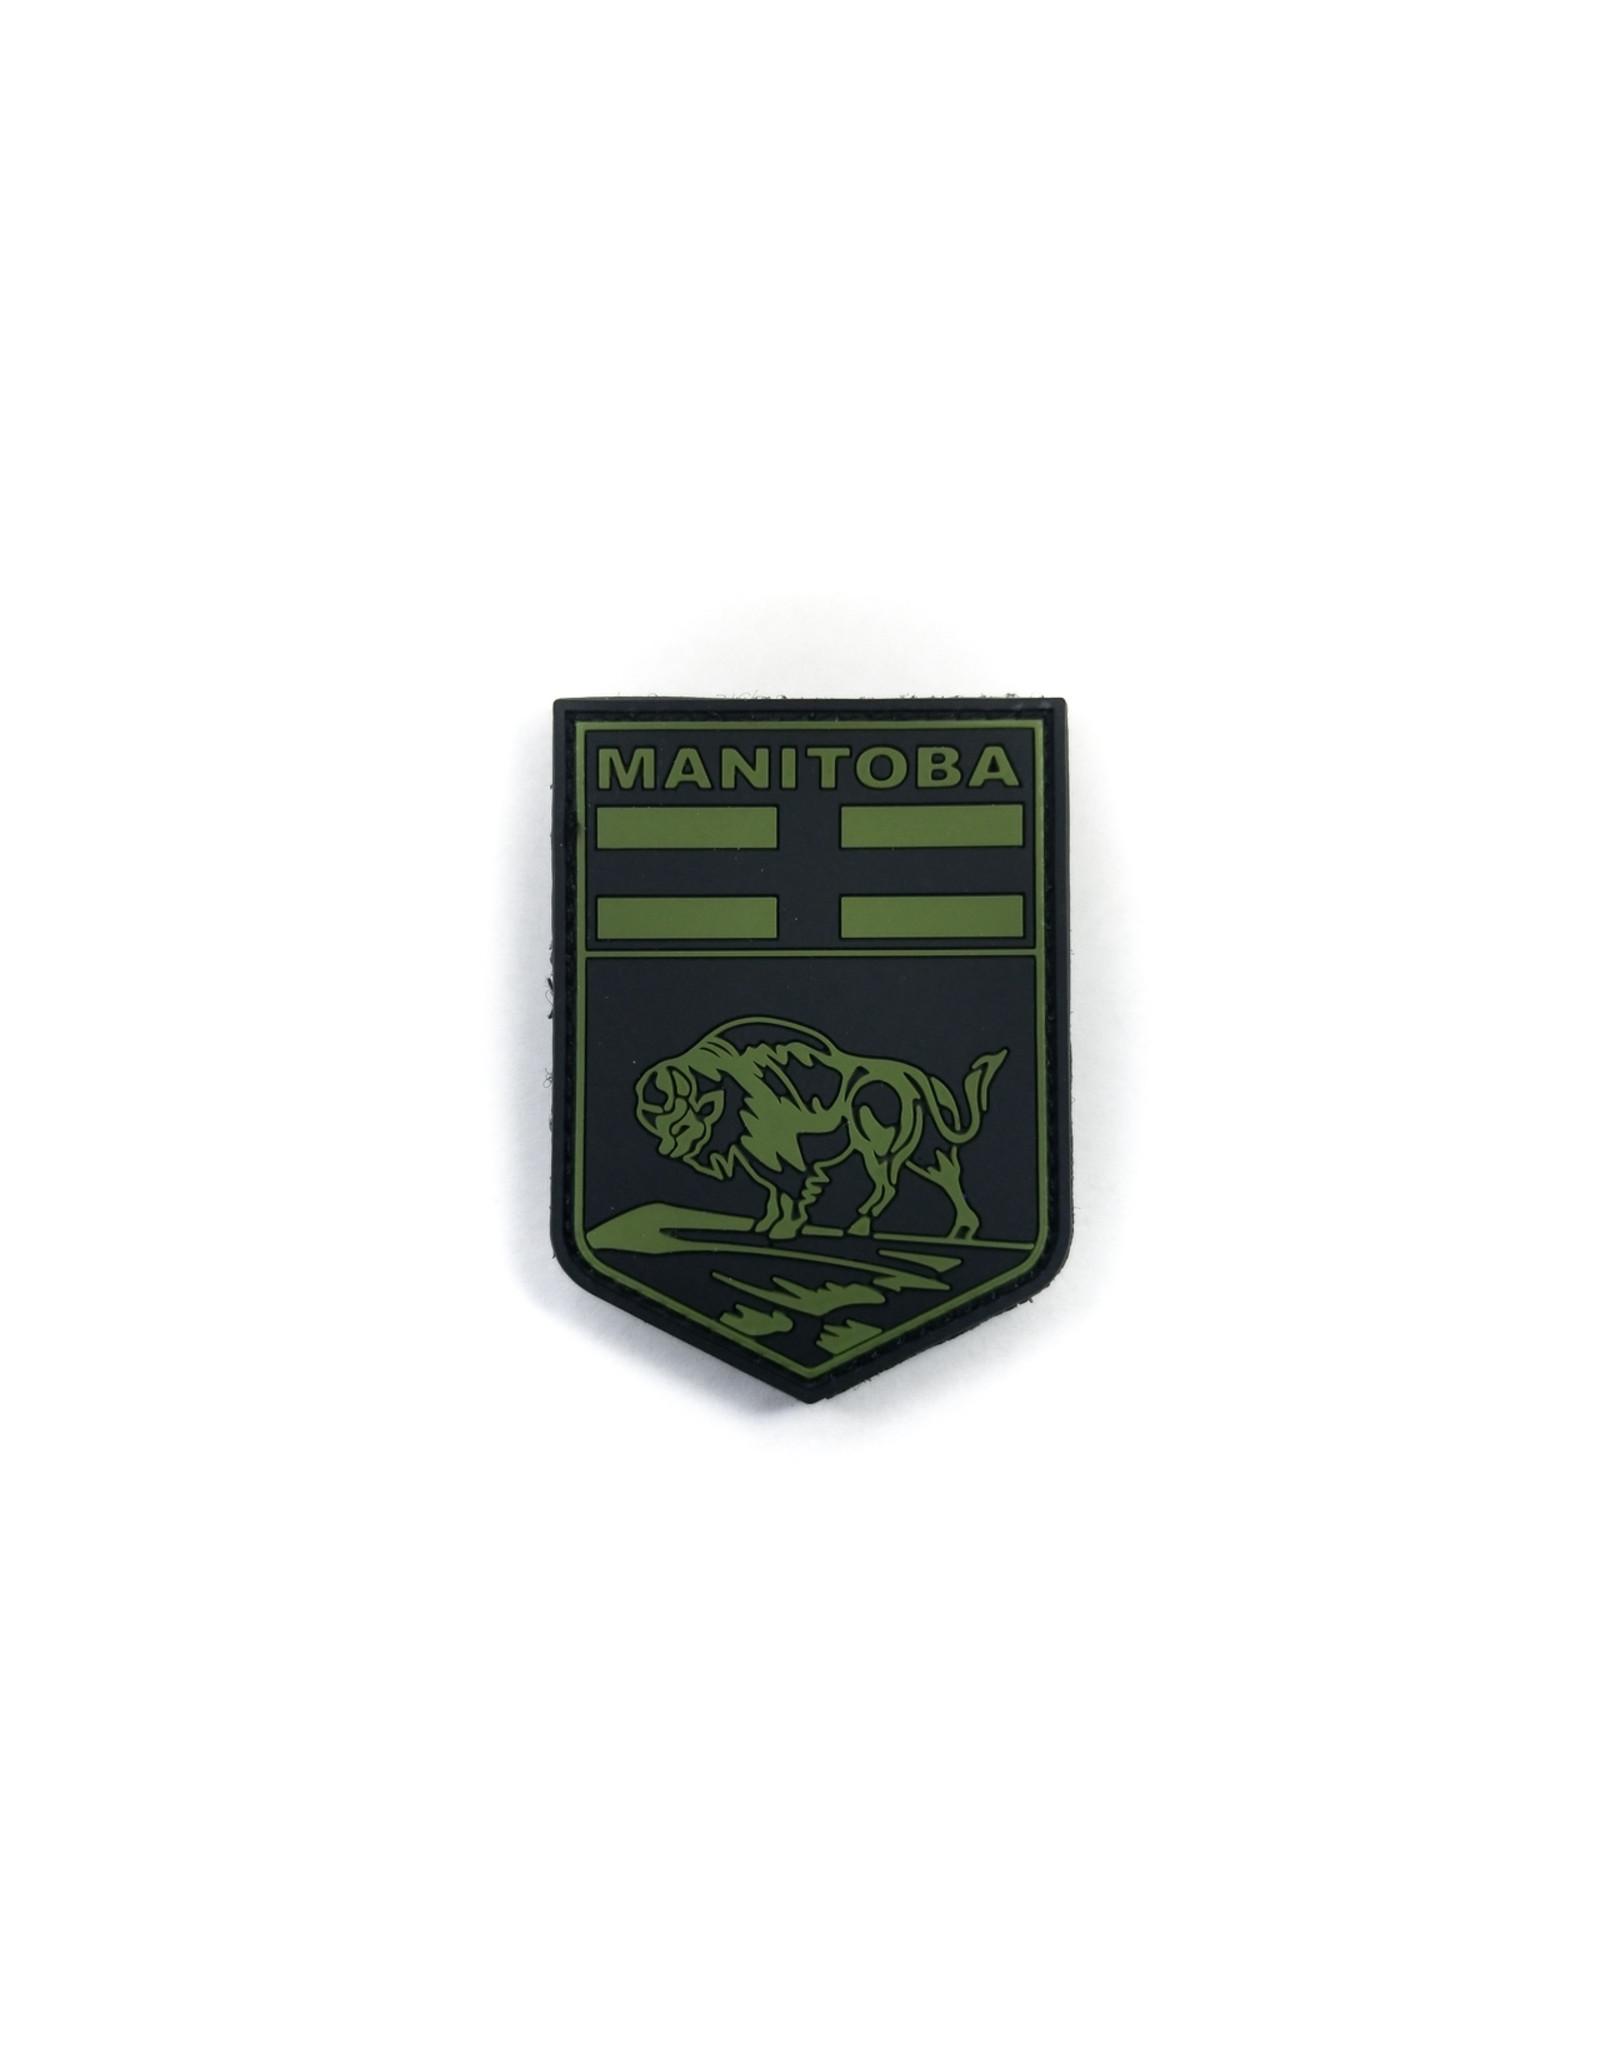 TIC Patch - MANITOBA SHIELD ODG